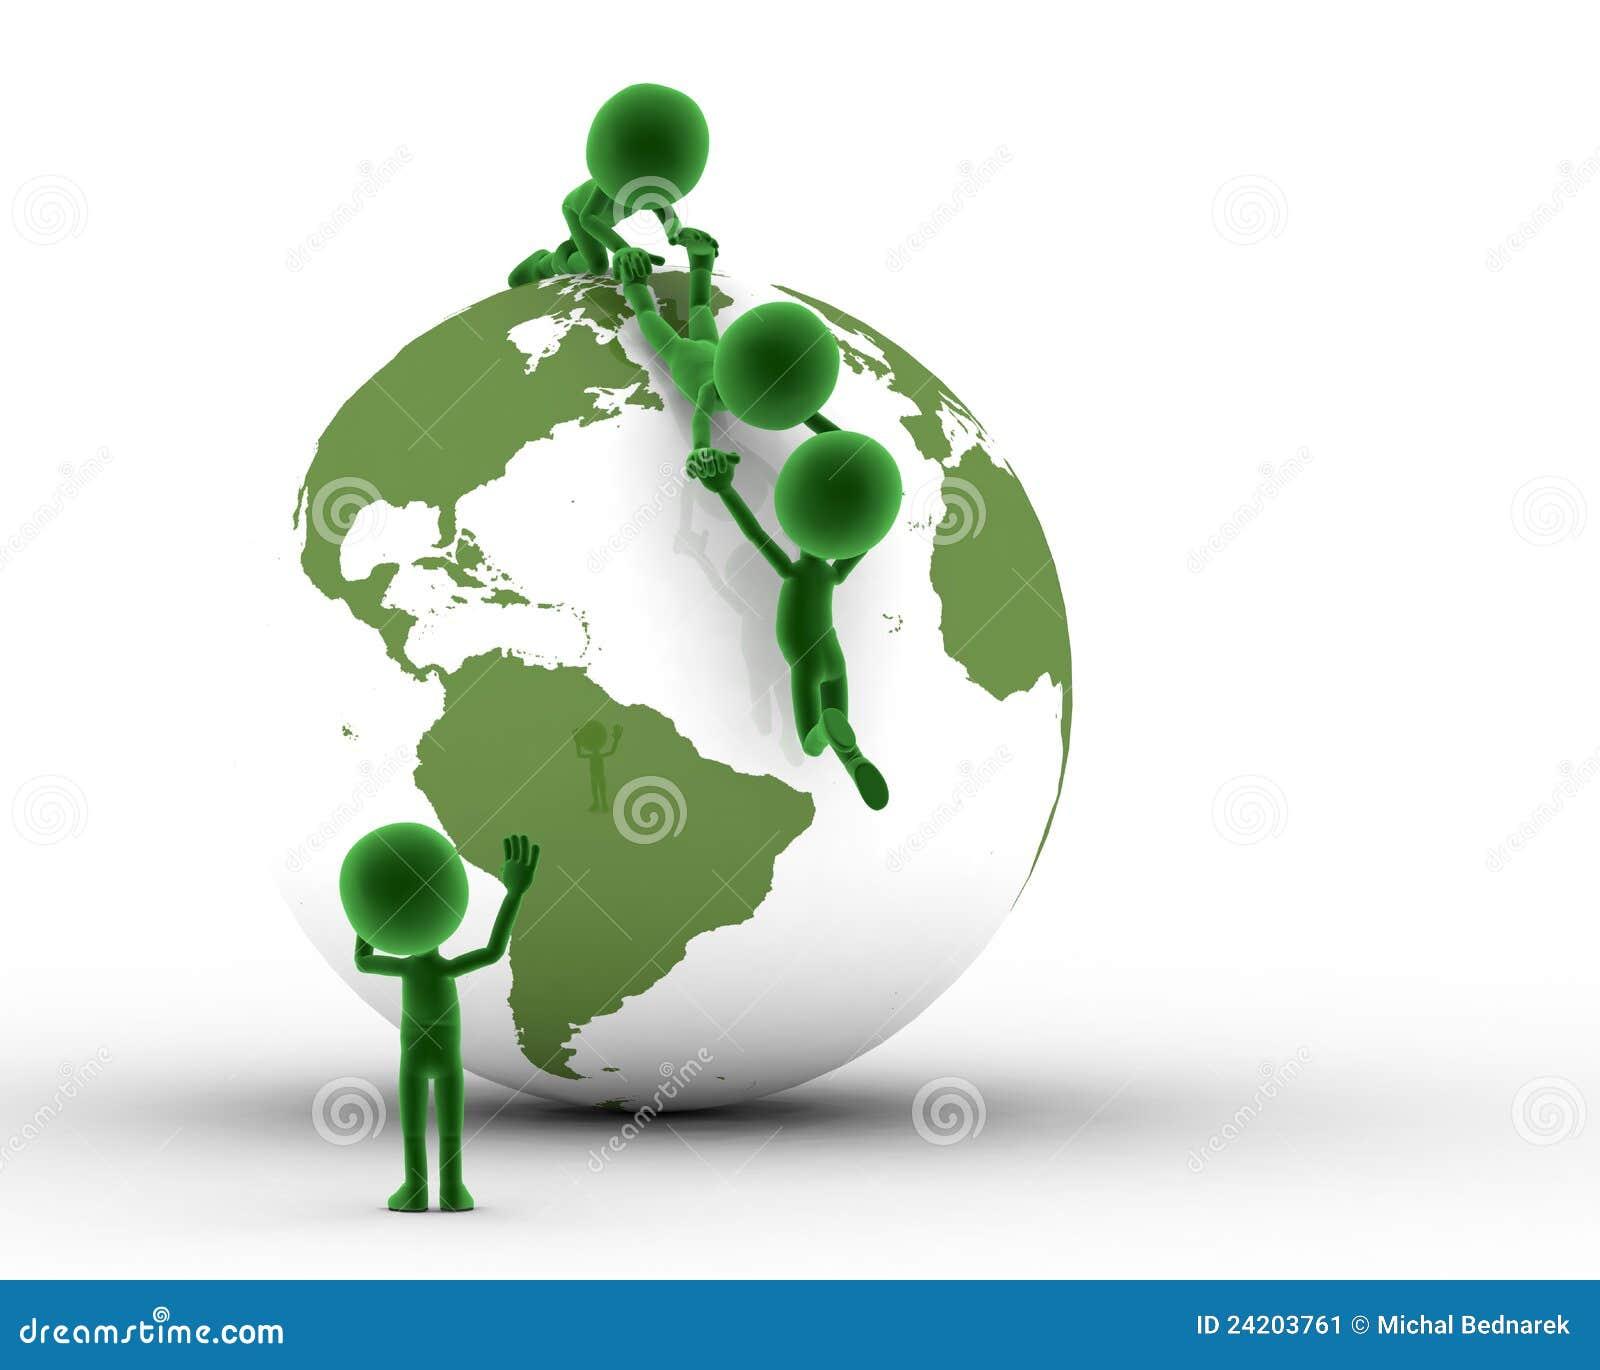 Erdekugel, Leutesupport